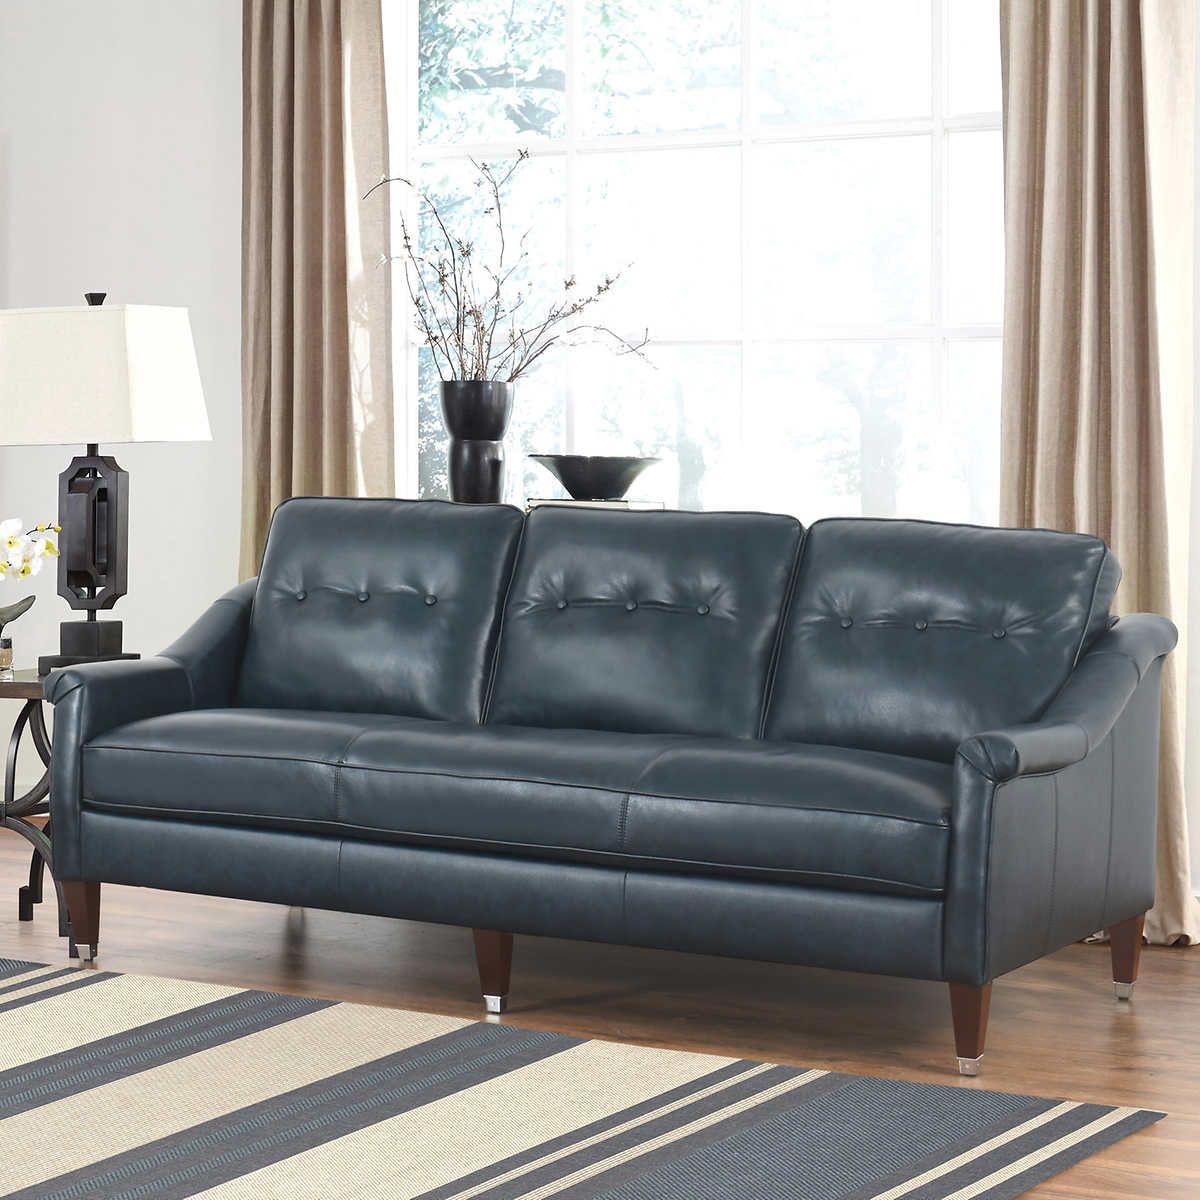 Kingston top grain leather sofa Costco Top grain